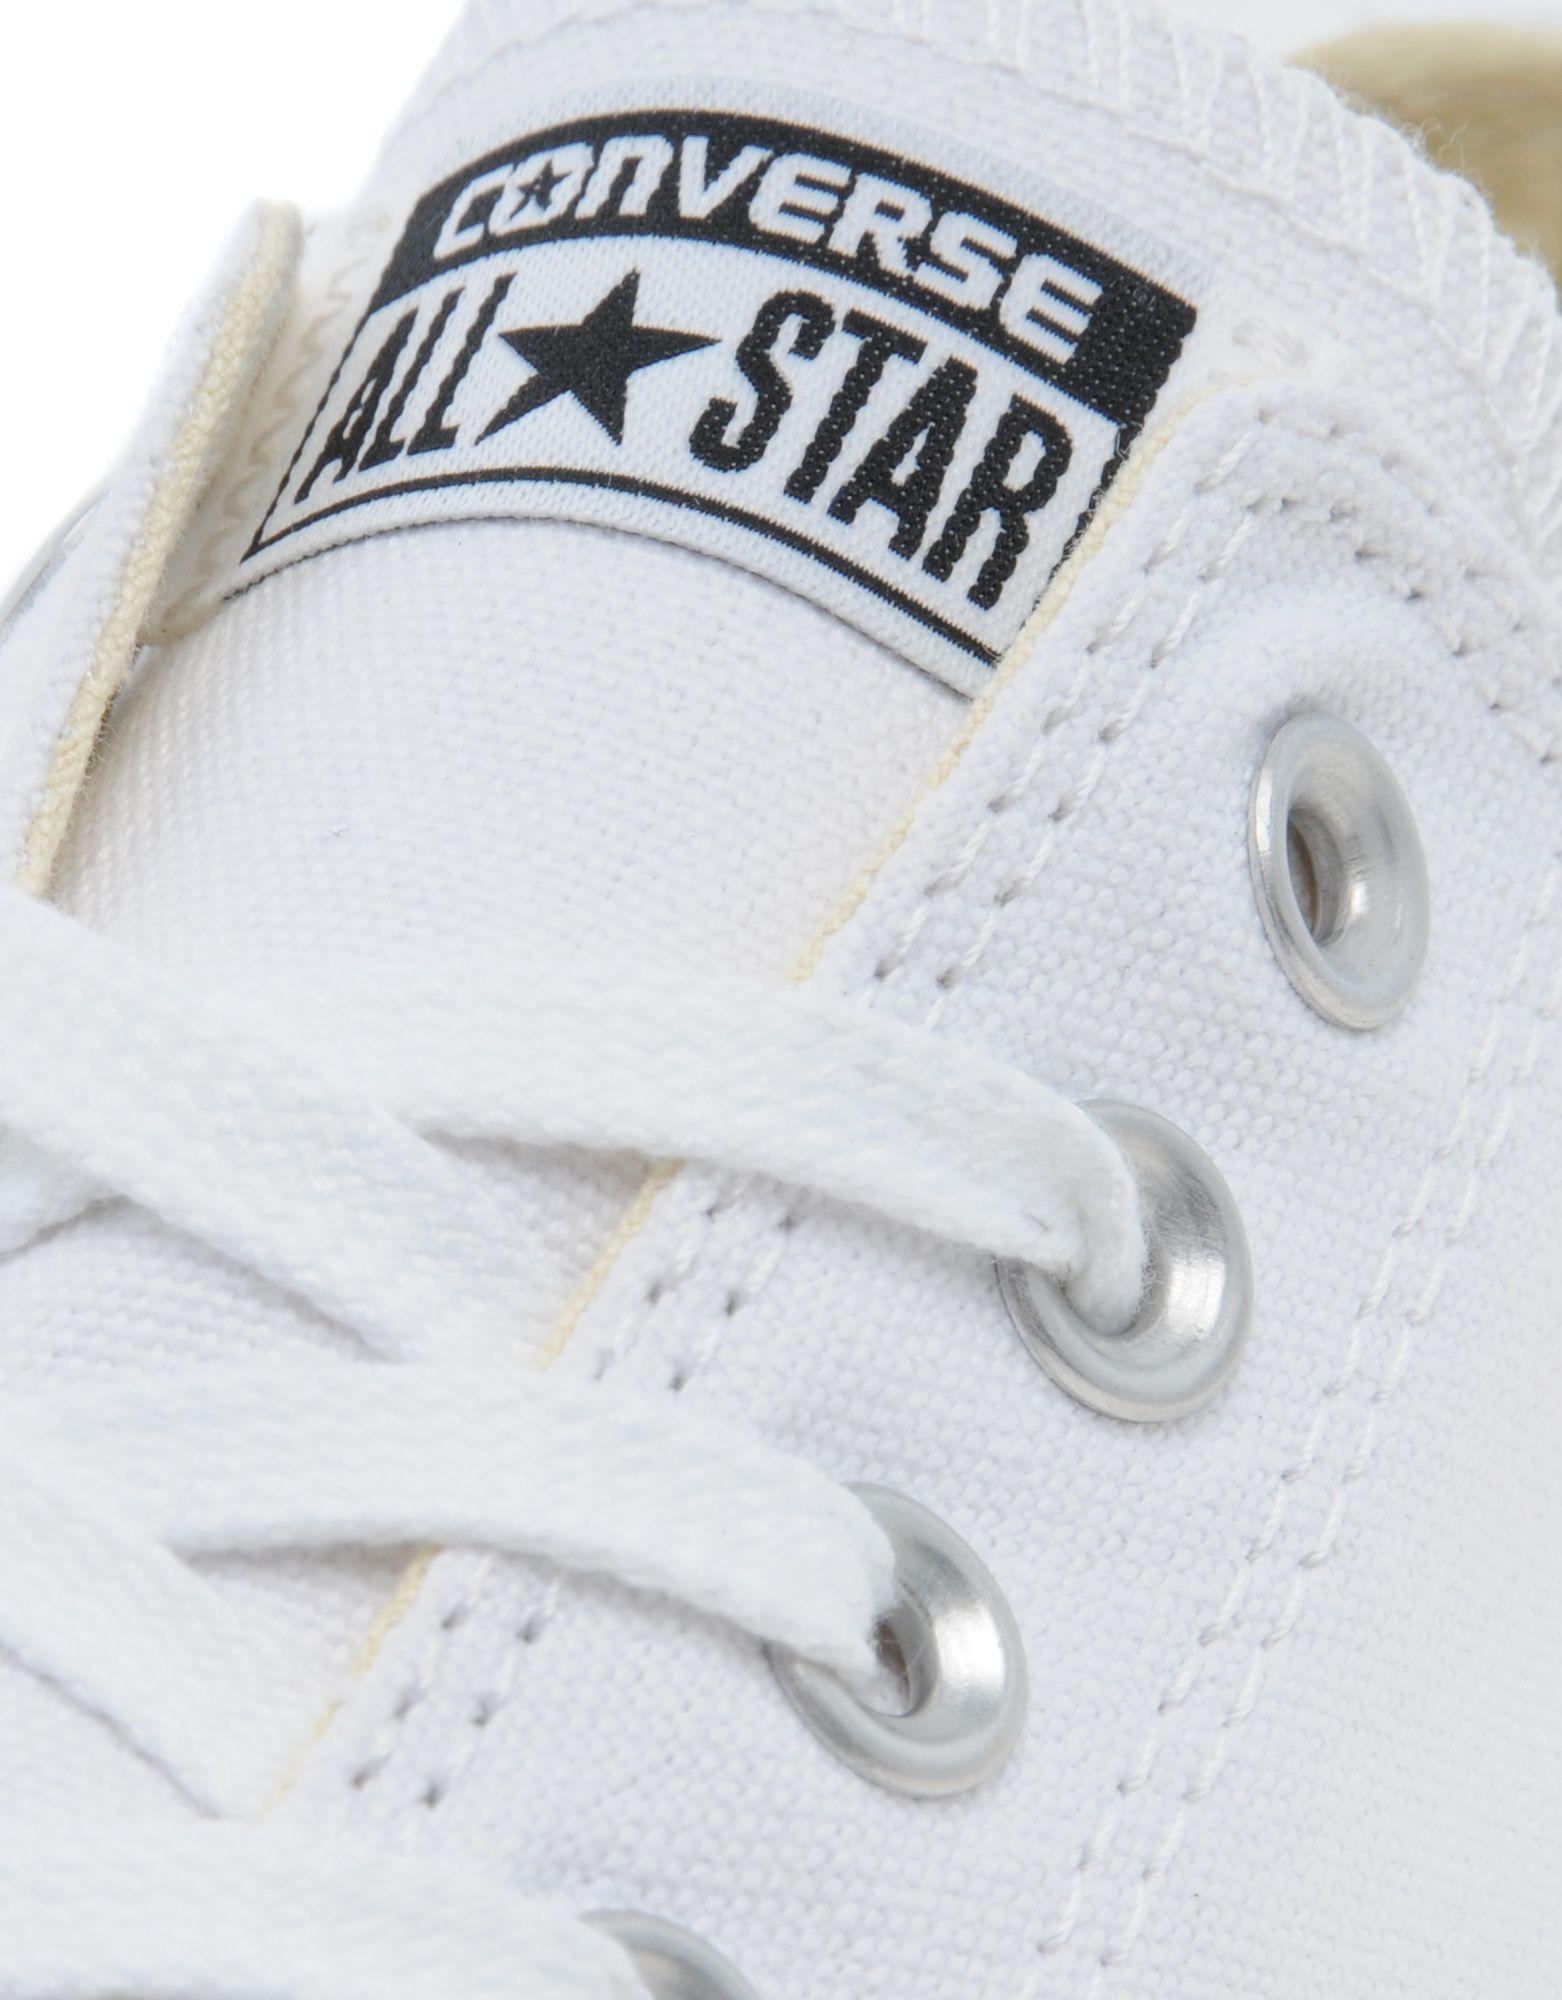 Converse All Star Ox Lean